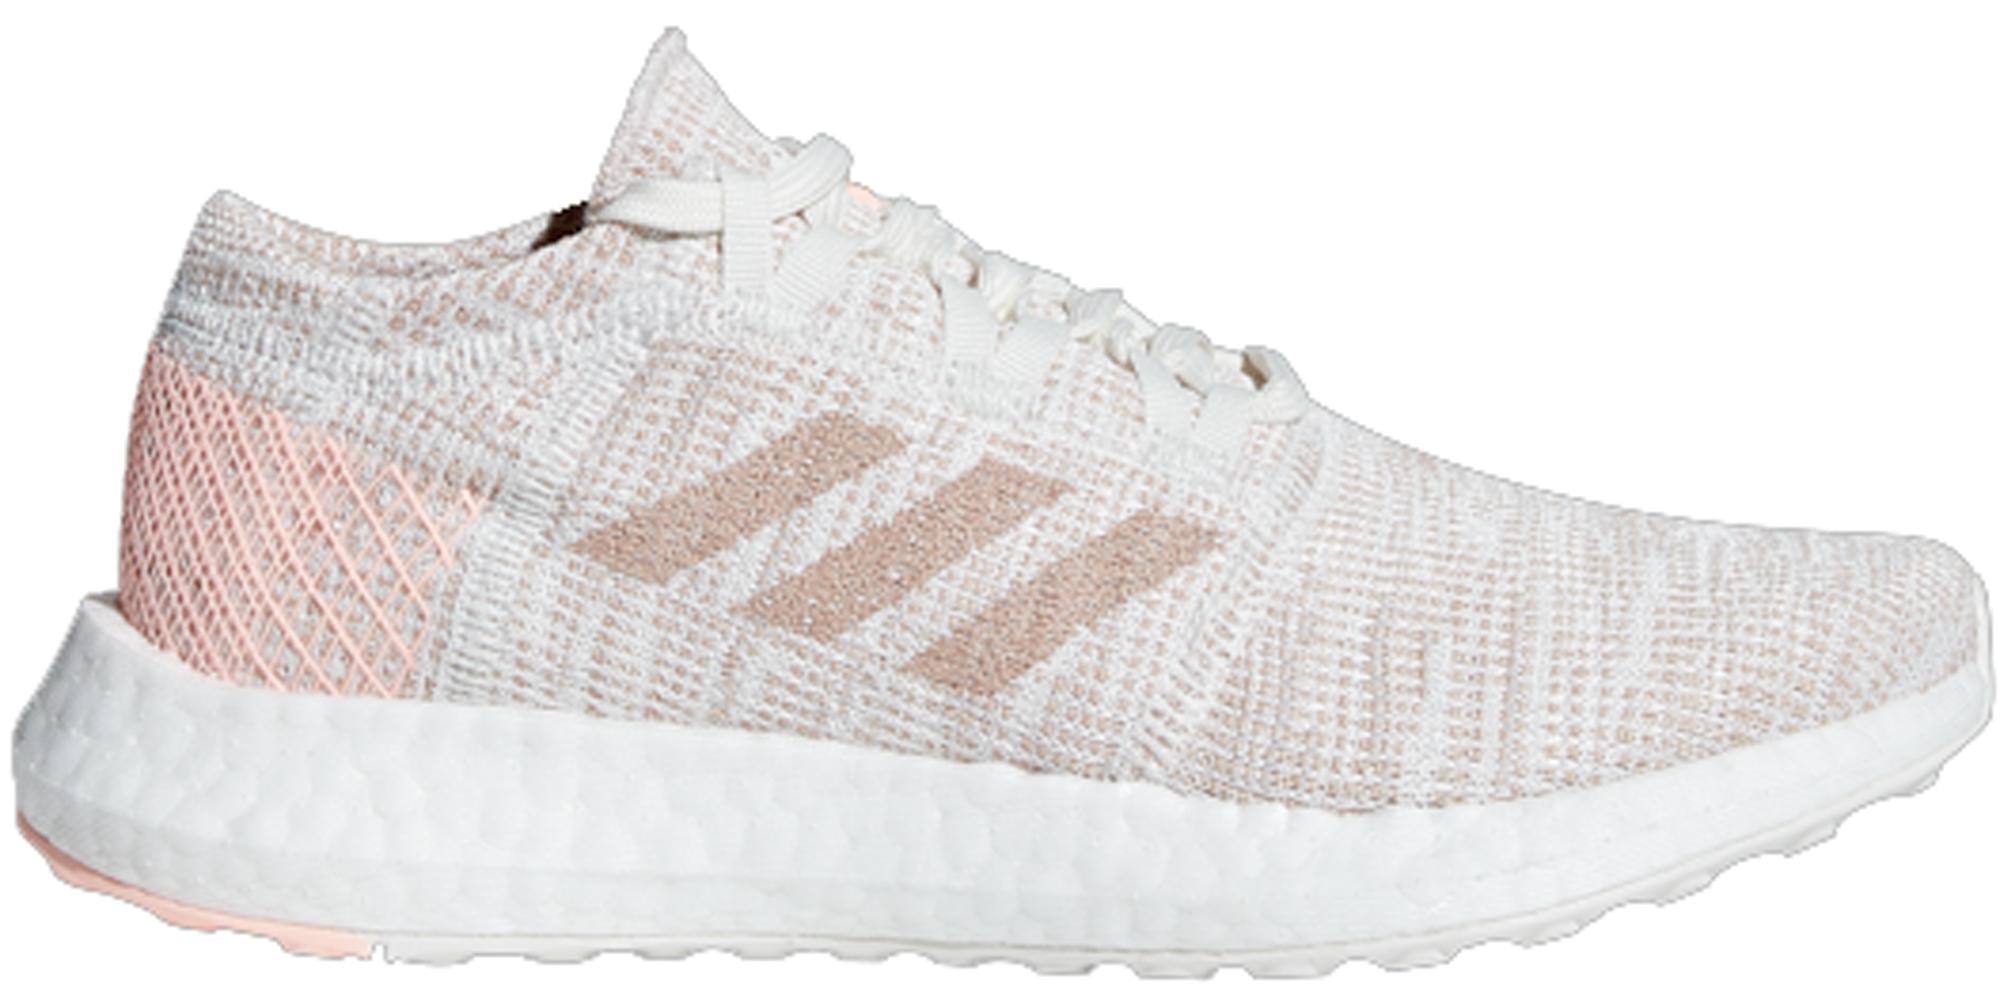 Adidas Originals Adidas Pureboost Go Running White Ash Pearl (youth) In Running White/ash Pearl/clear Orange